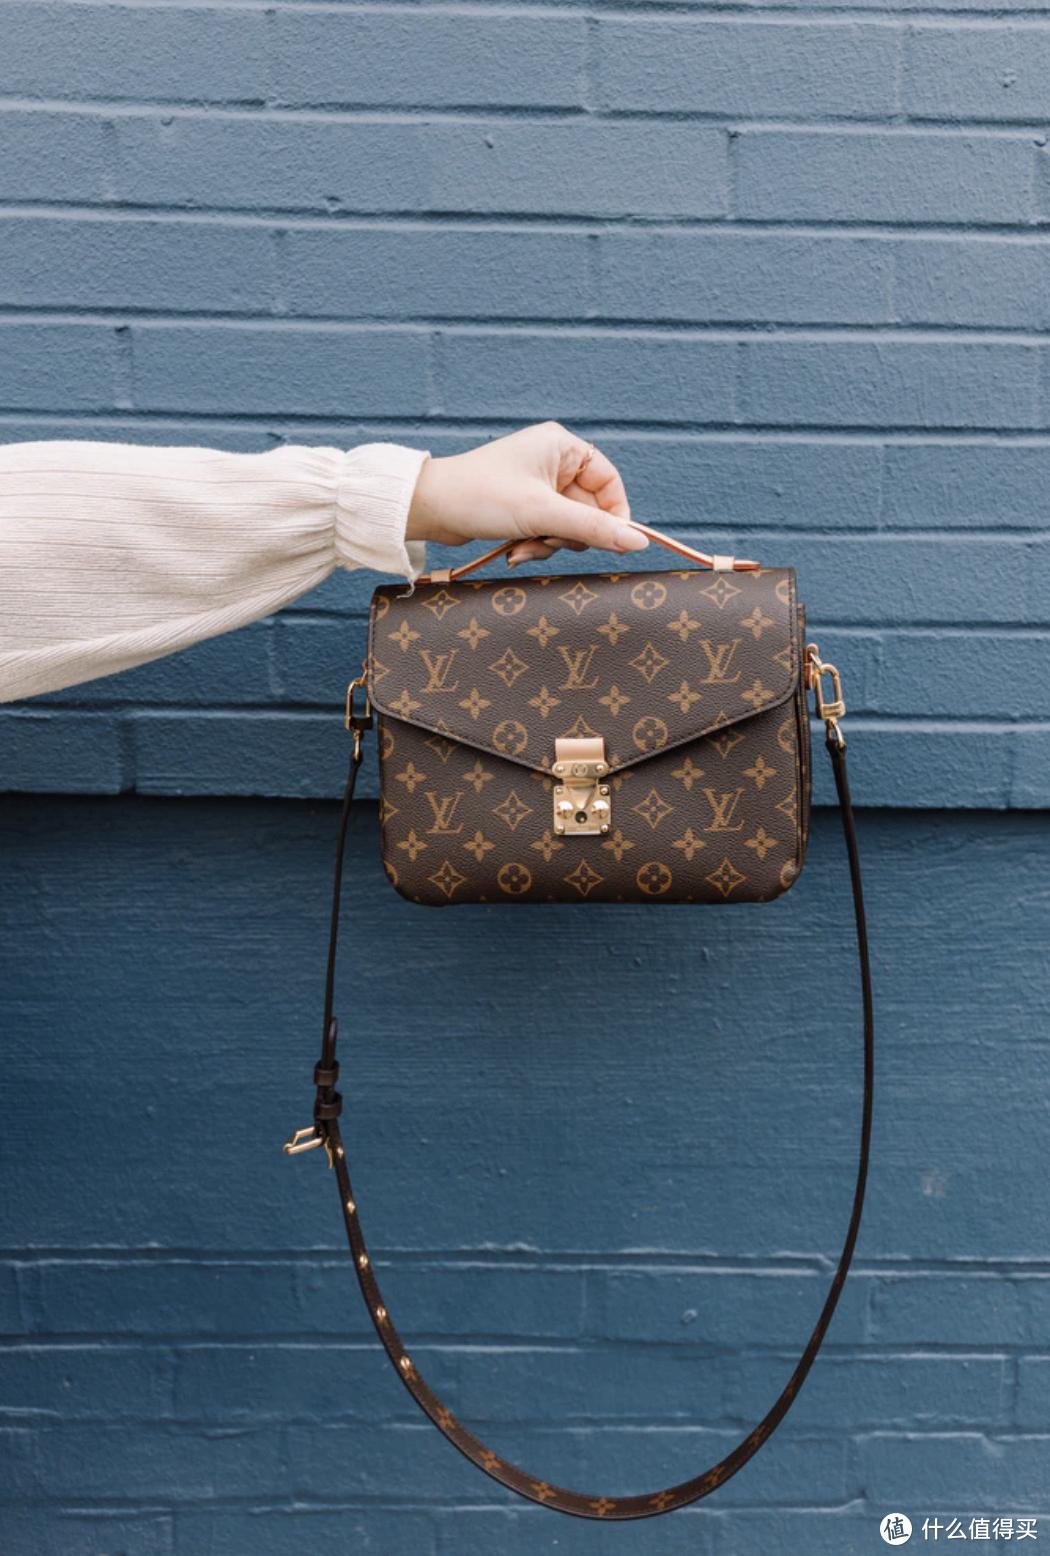 Gucci价格上调9%,奢侈品没完没了涨价是谁给的勇气?